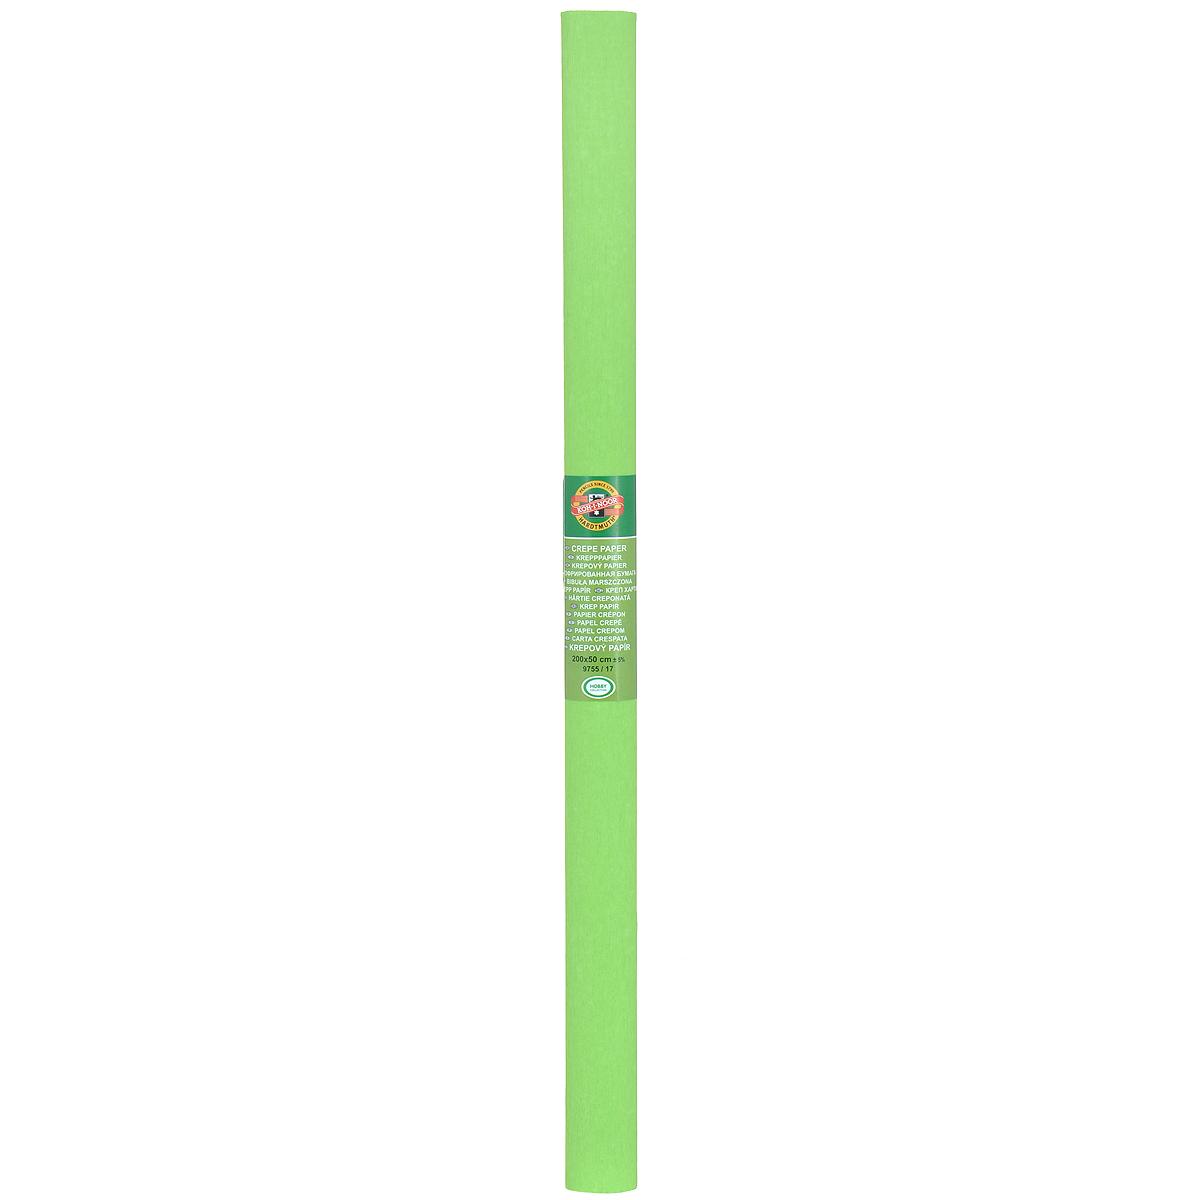 Бумага гофрированная Koh-I-Noor, цвет: светло-зеленый, 50 см x 2 м7701652_22 т.пурпурГофрированная бумага Koh-I-Noor - прекрасный материал для декорирования, изготовления эффектной упаковки и различных поделок. Бумага прекрасно держит форму, не пачкает руки, отлично крепится и замечательно подходит для изготовления праздничной упаковки для цветов.